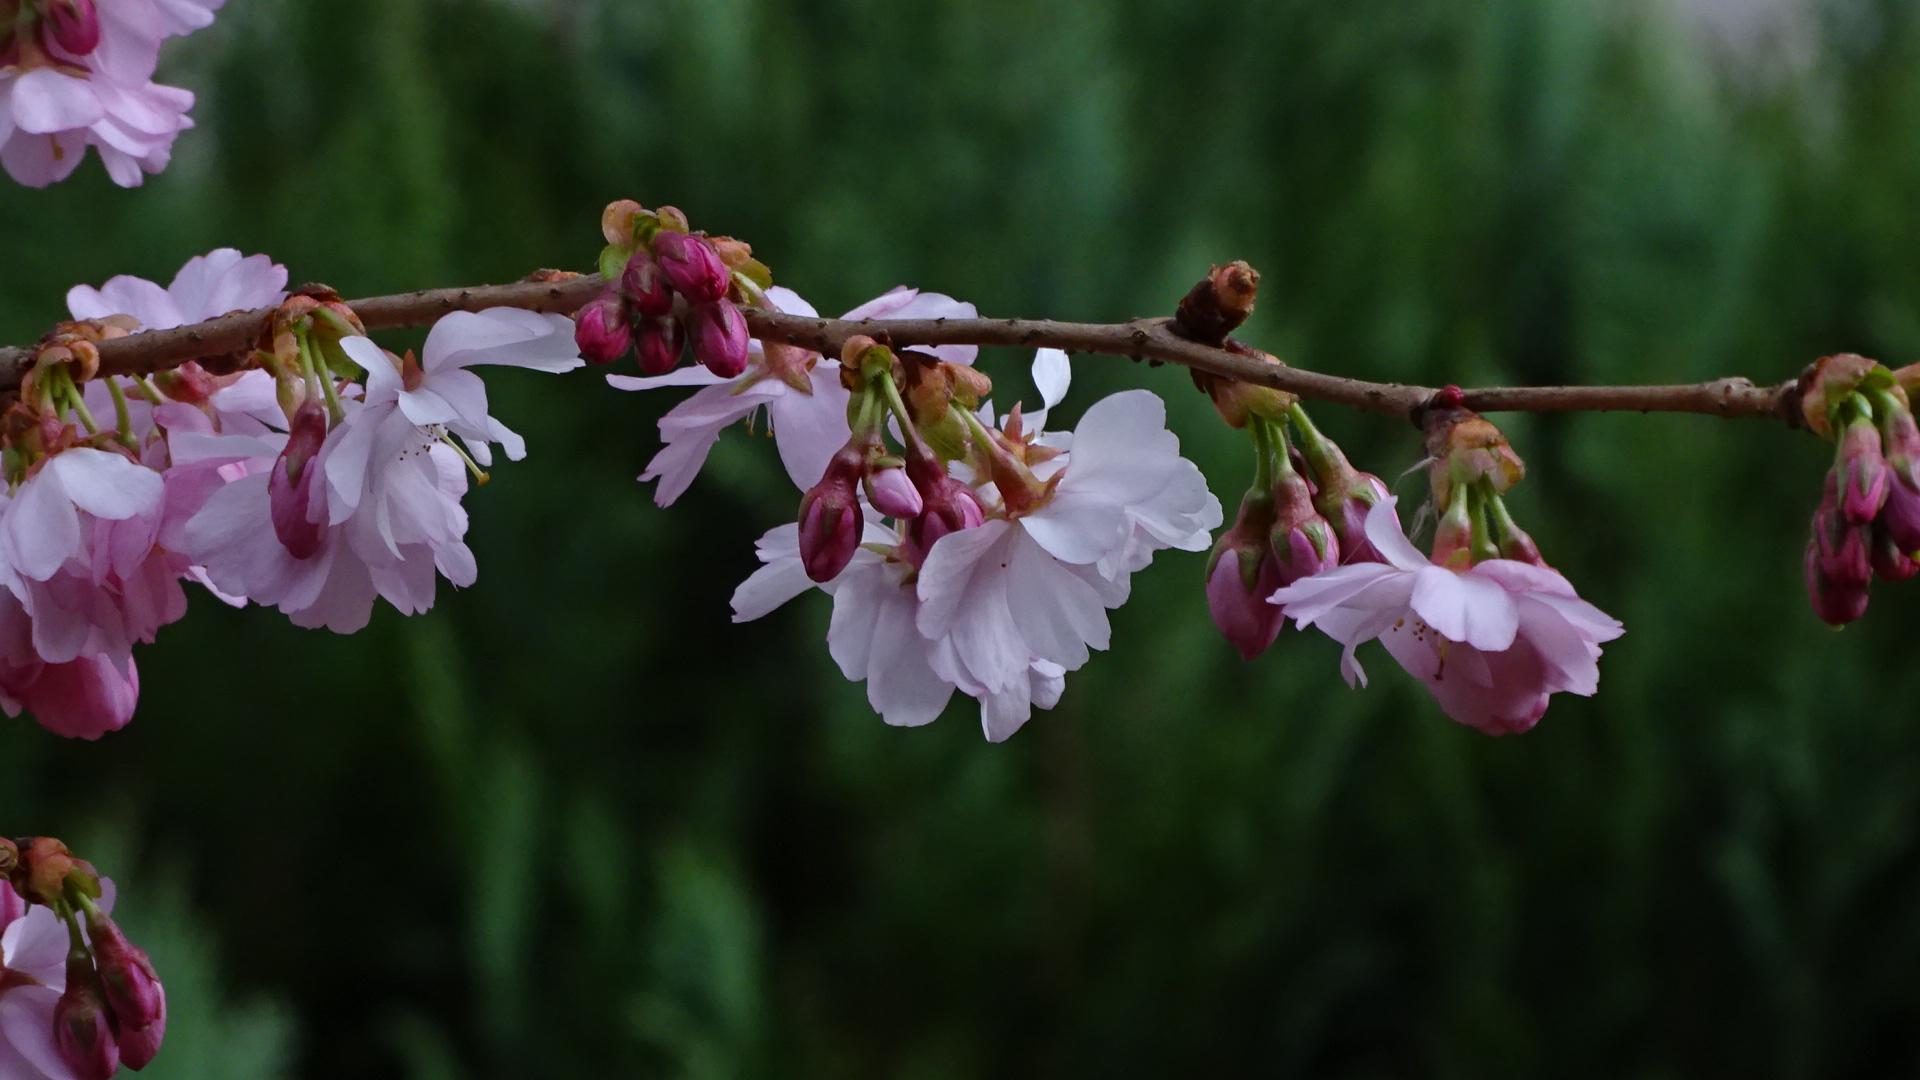 zeit der japanischen kirschbl ten im fr hling 2018 foto bild pflanzen pilze flechten. Black Bedroom Furniture Sets. Home Design Ideas